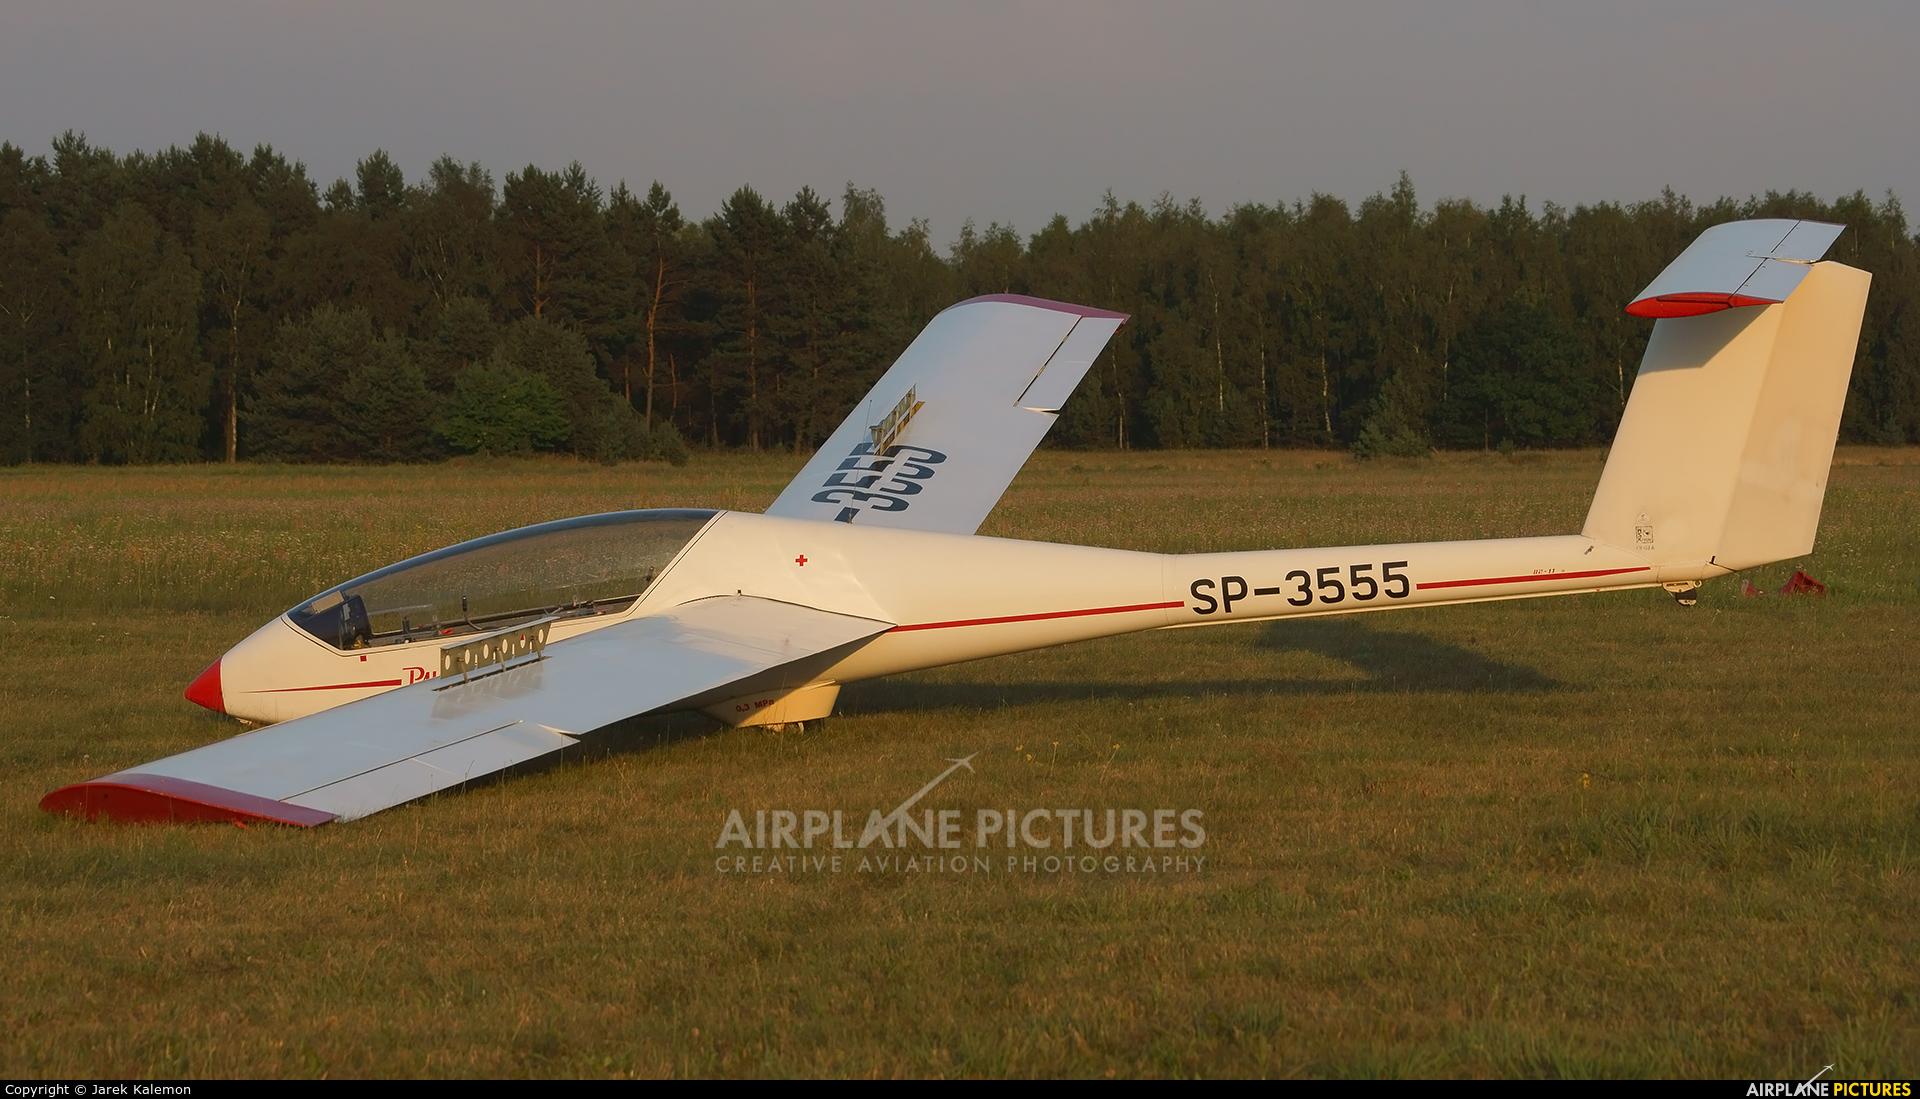 Aeroklub Ziemi Pilskiej SP-3555 aircraft at Piła